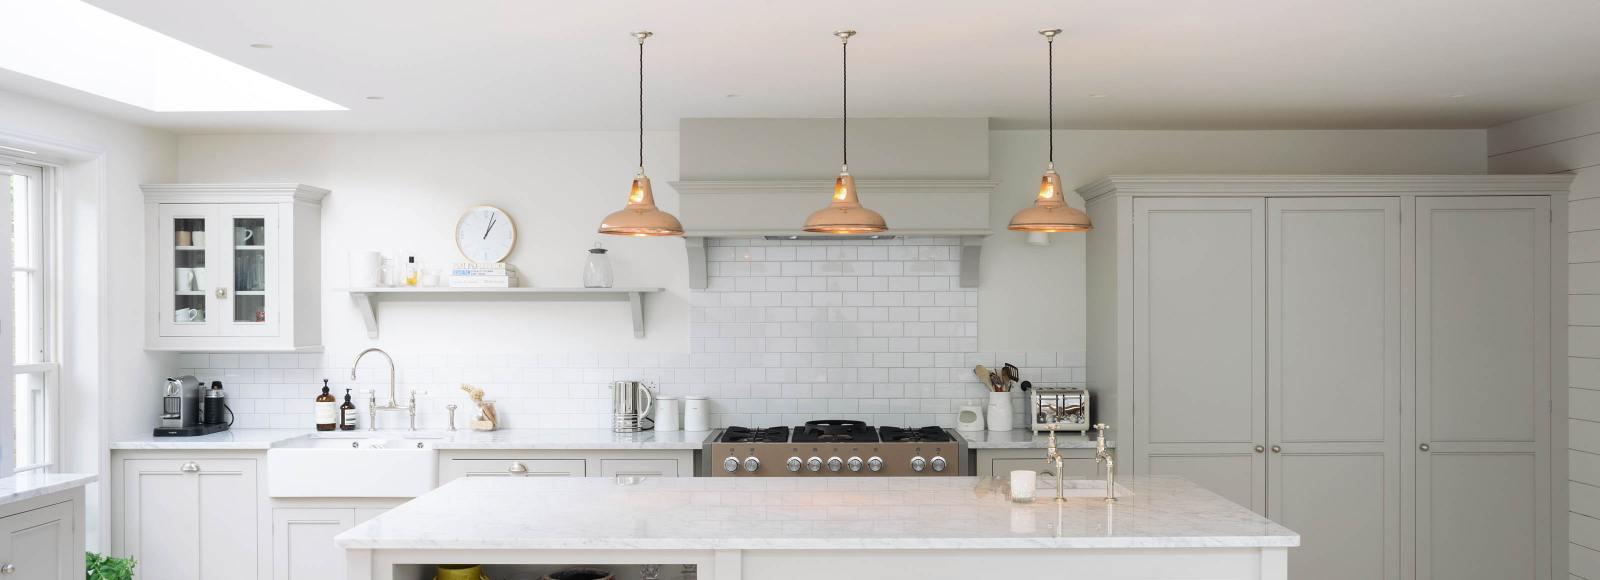 Devol Kitchens Shaker Kitchens Classic Bespoke Kitchens